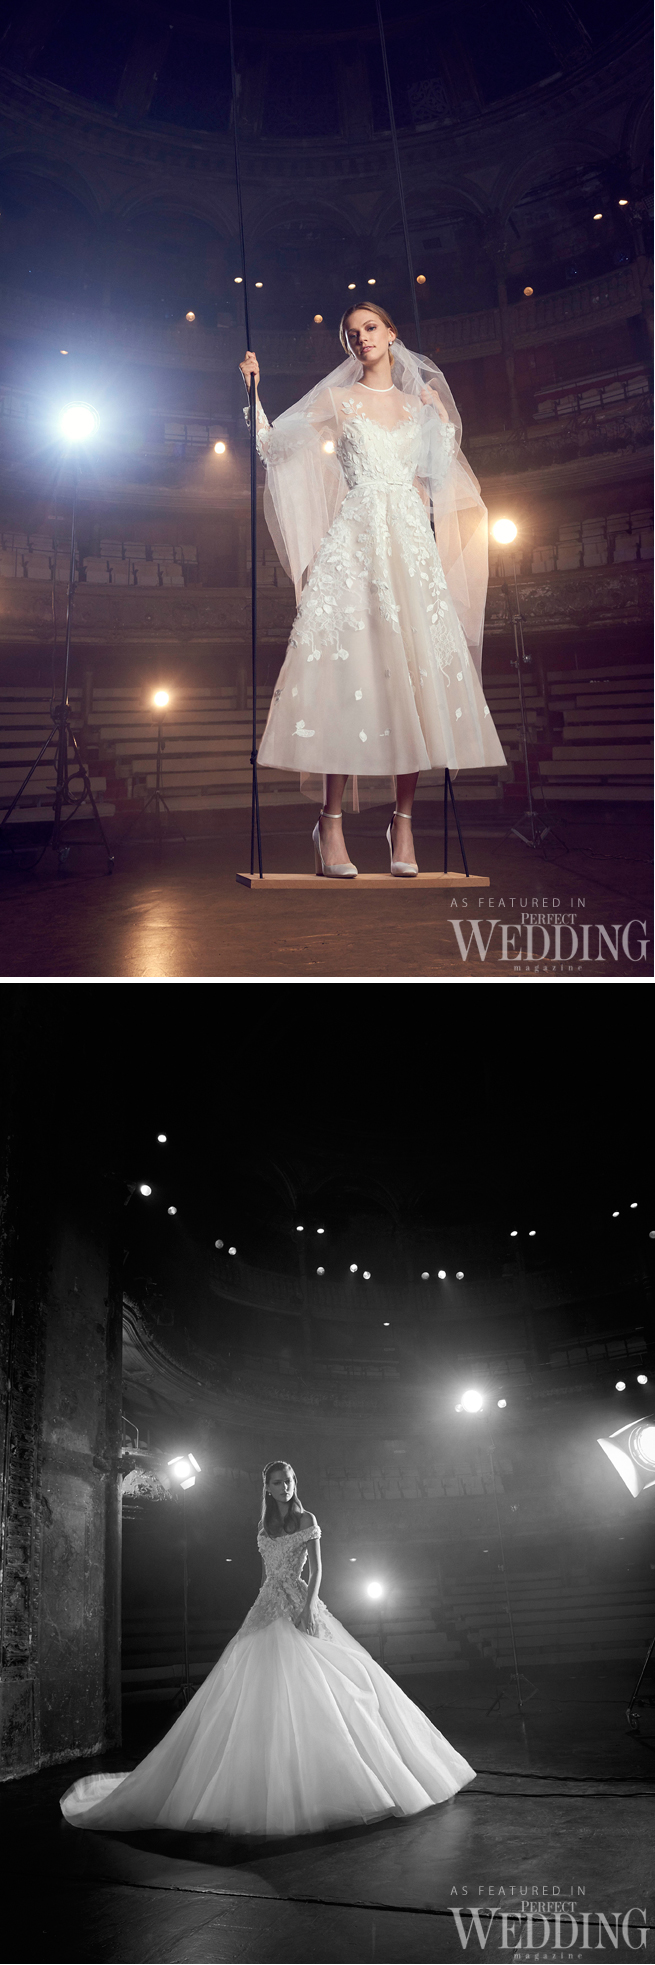 Elie Saab, Elie Saab Bridal, Elie Saab Wedding Gowns, Elie Saab Bridal Fall Winter 2018, Perfect Wedding Magazine, Theater of Light, Bridal Trends 2018, Perfect Wedding Magazine, Couture Bride